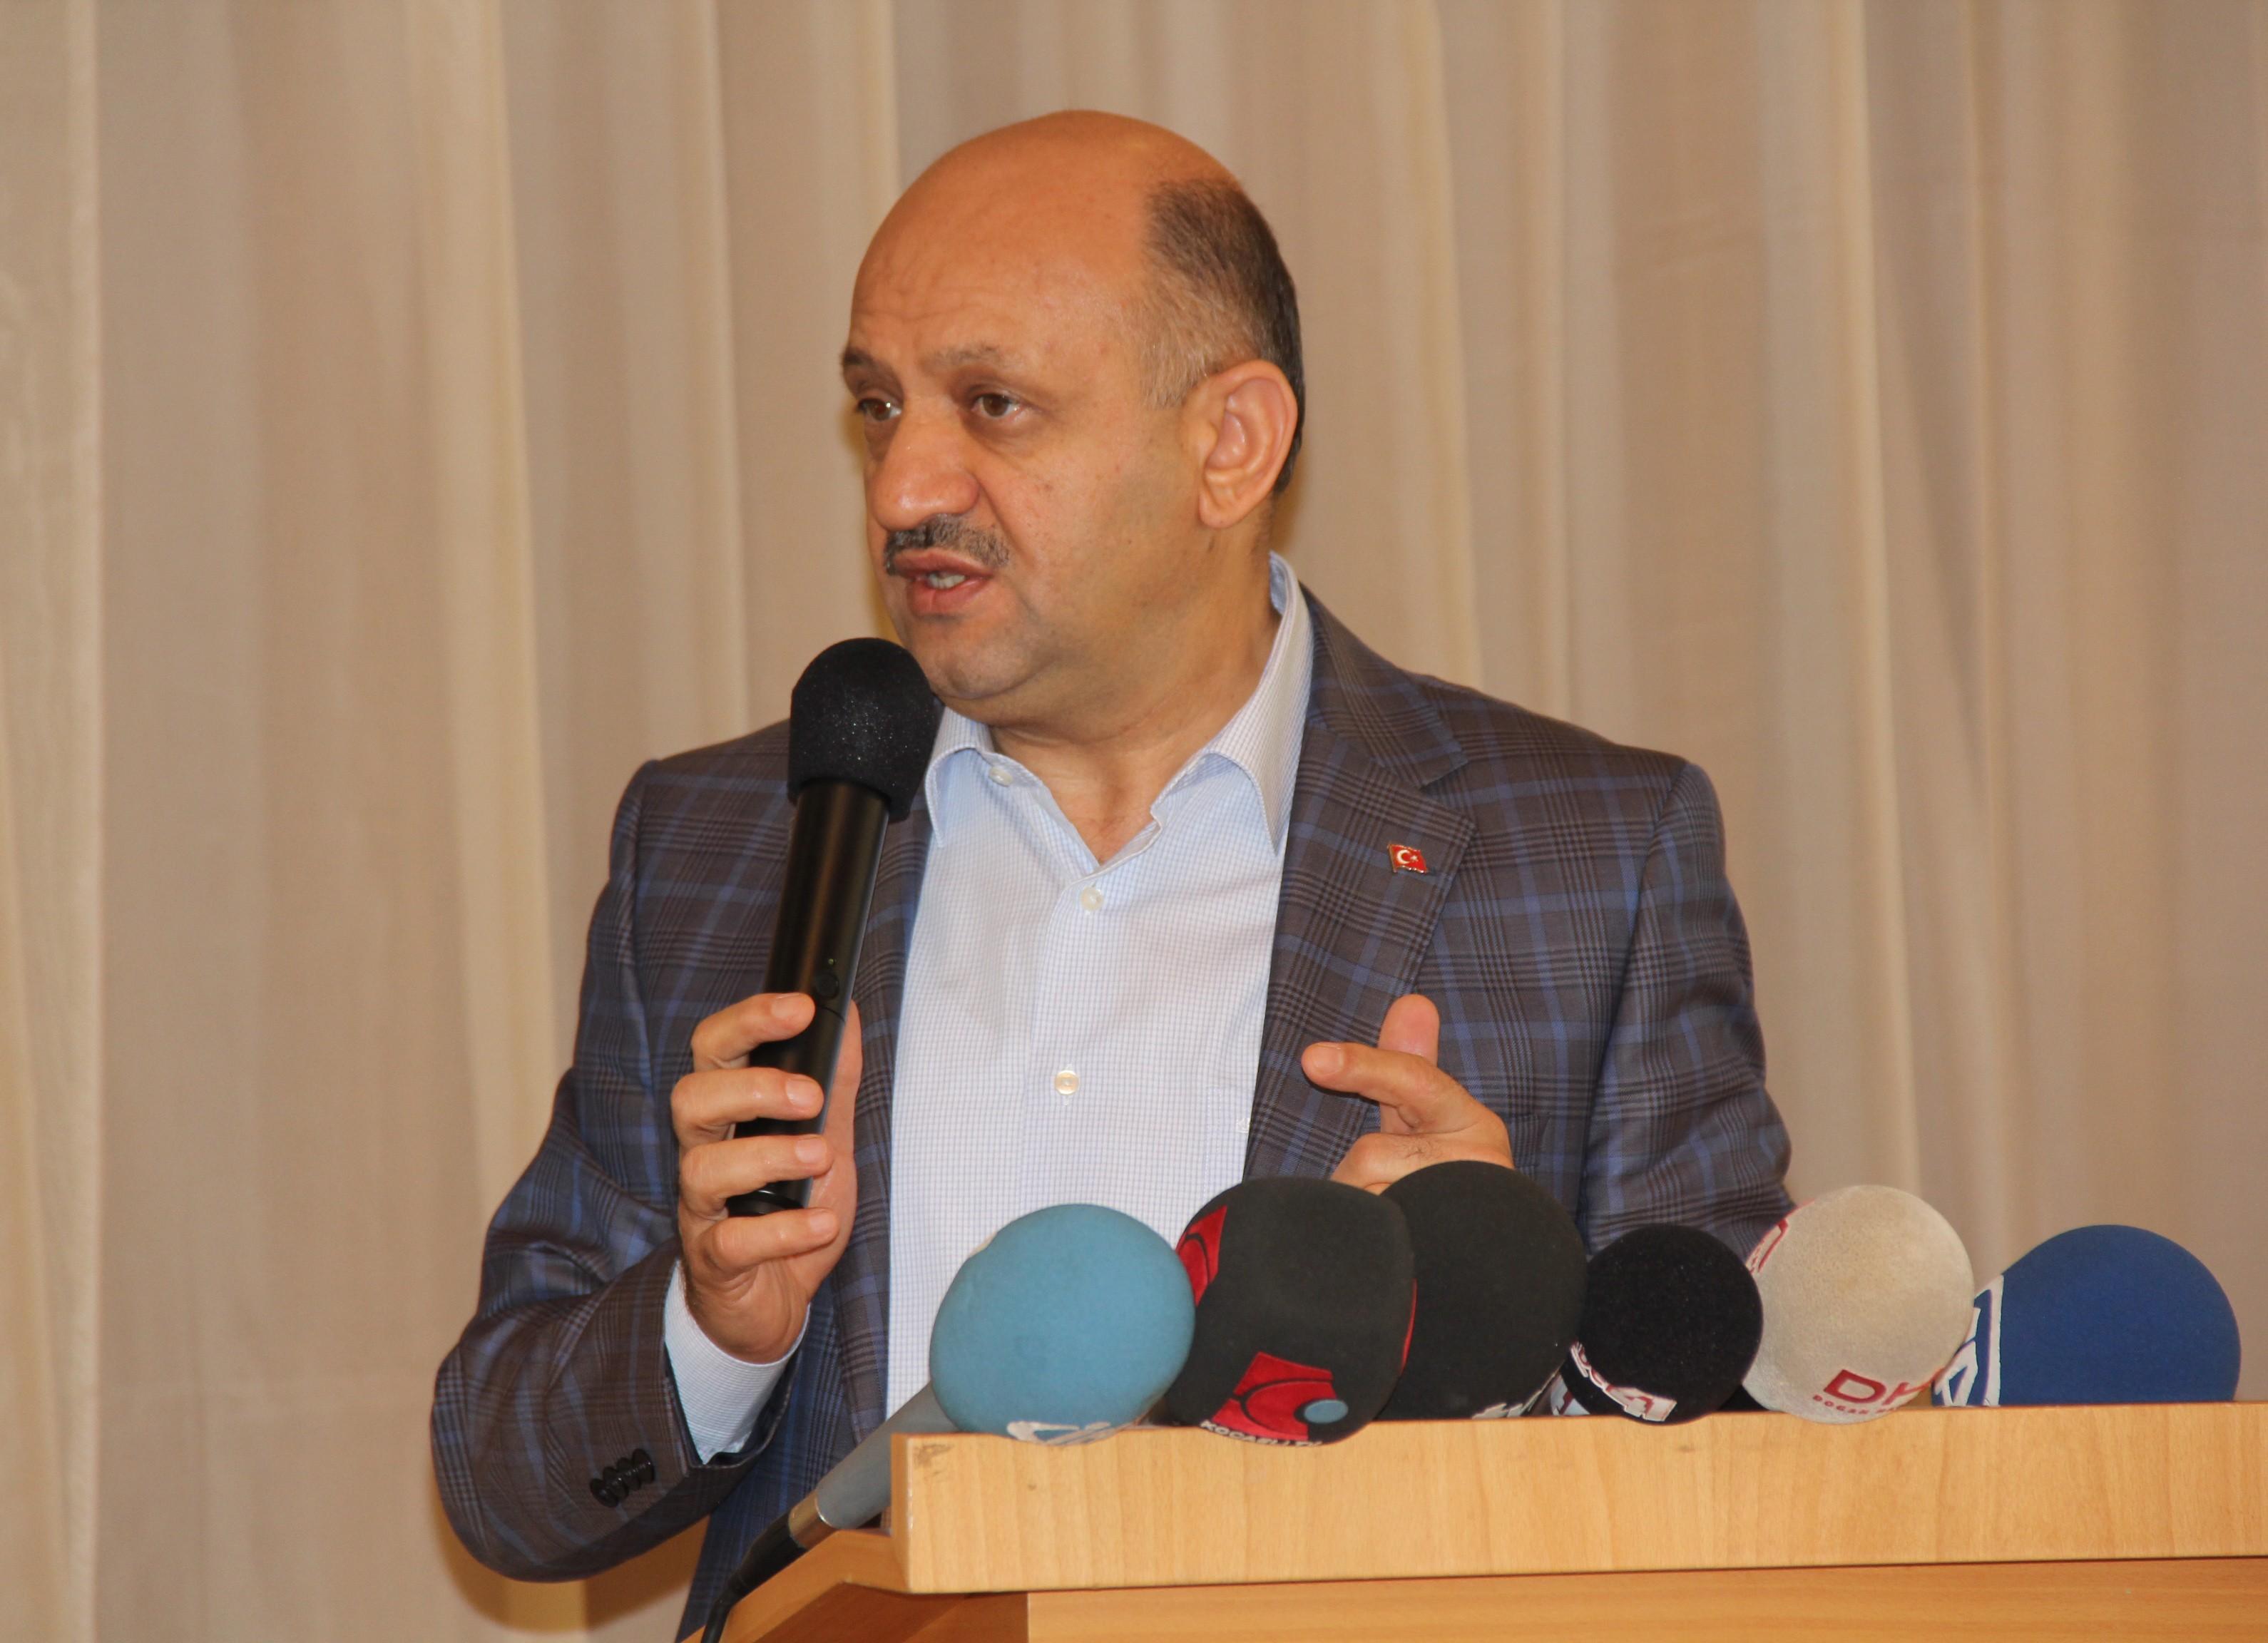 Başbakan Yardımcısı Fikri Işık: 'NATO rezaletinde sorumluların gereken cezaya en ağır şekilde çarptırılmaları bizim açımızdan önemlidir'